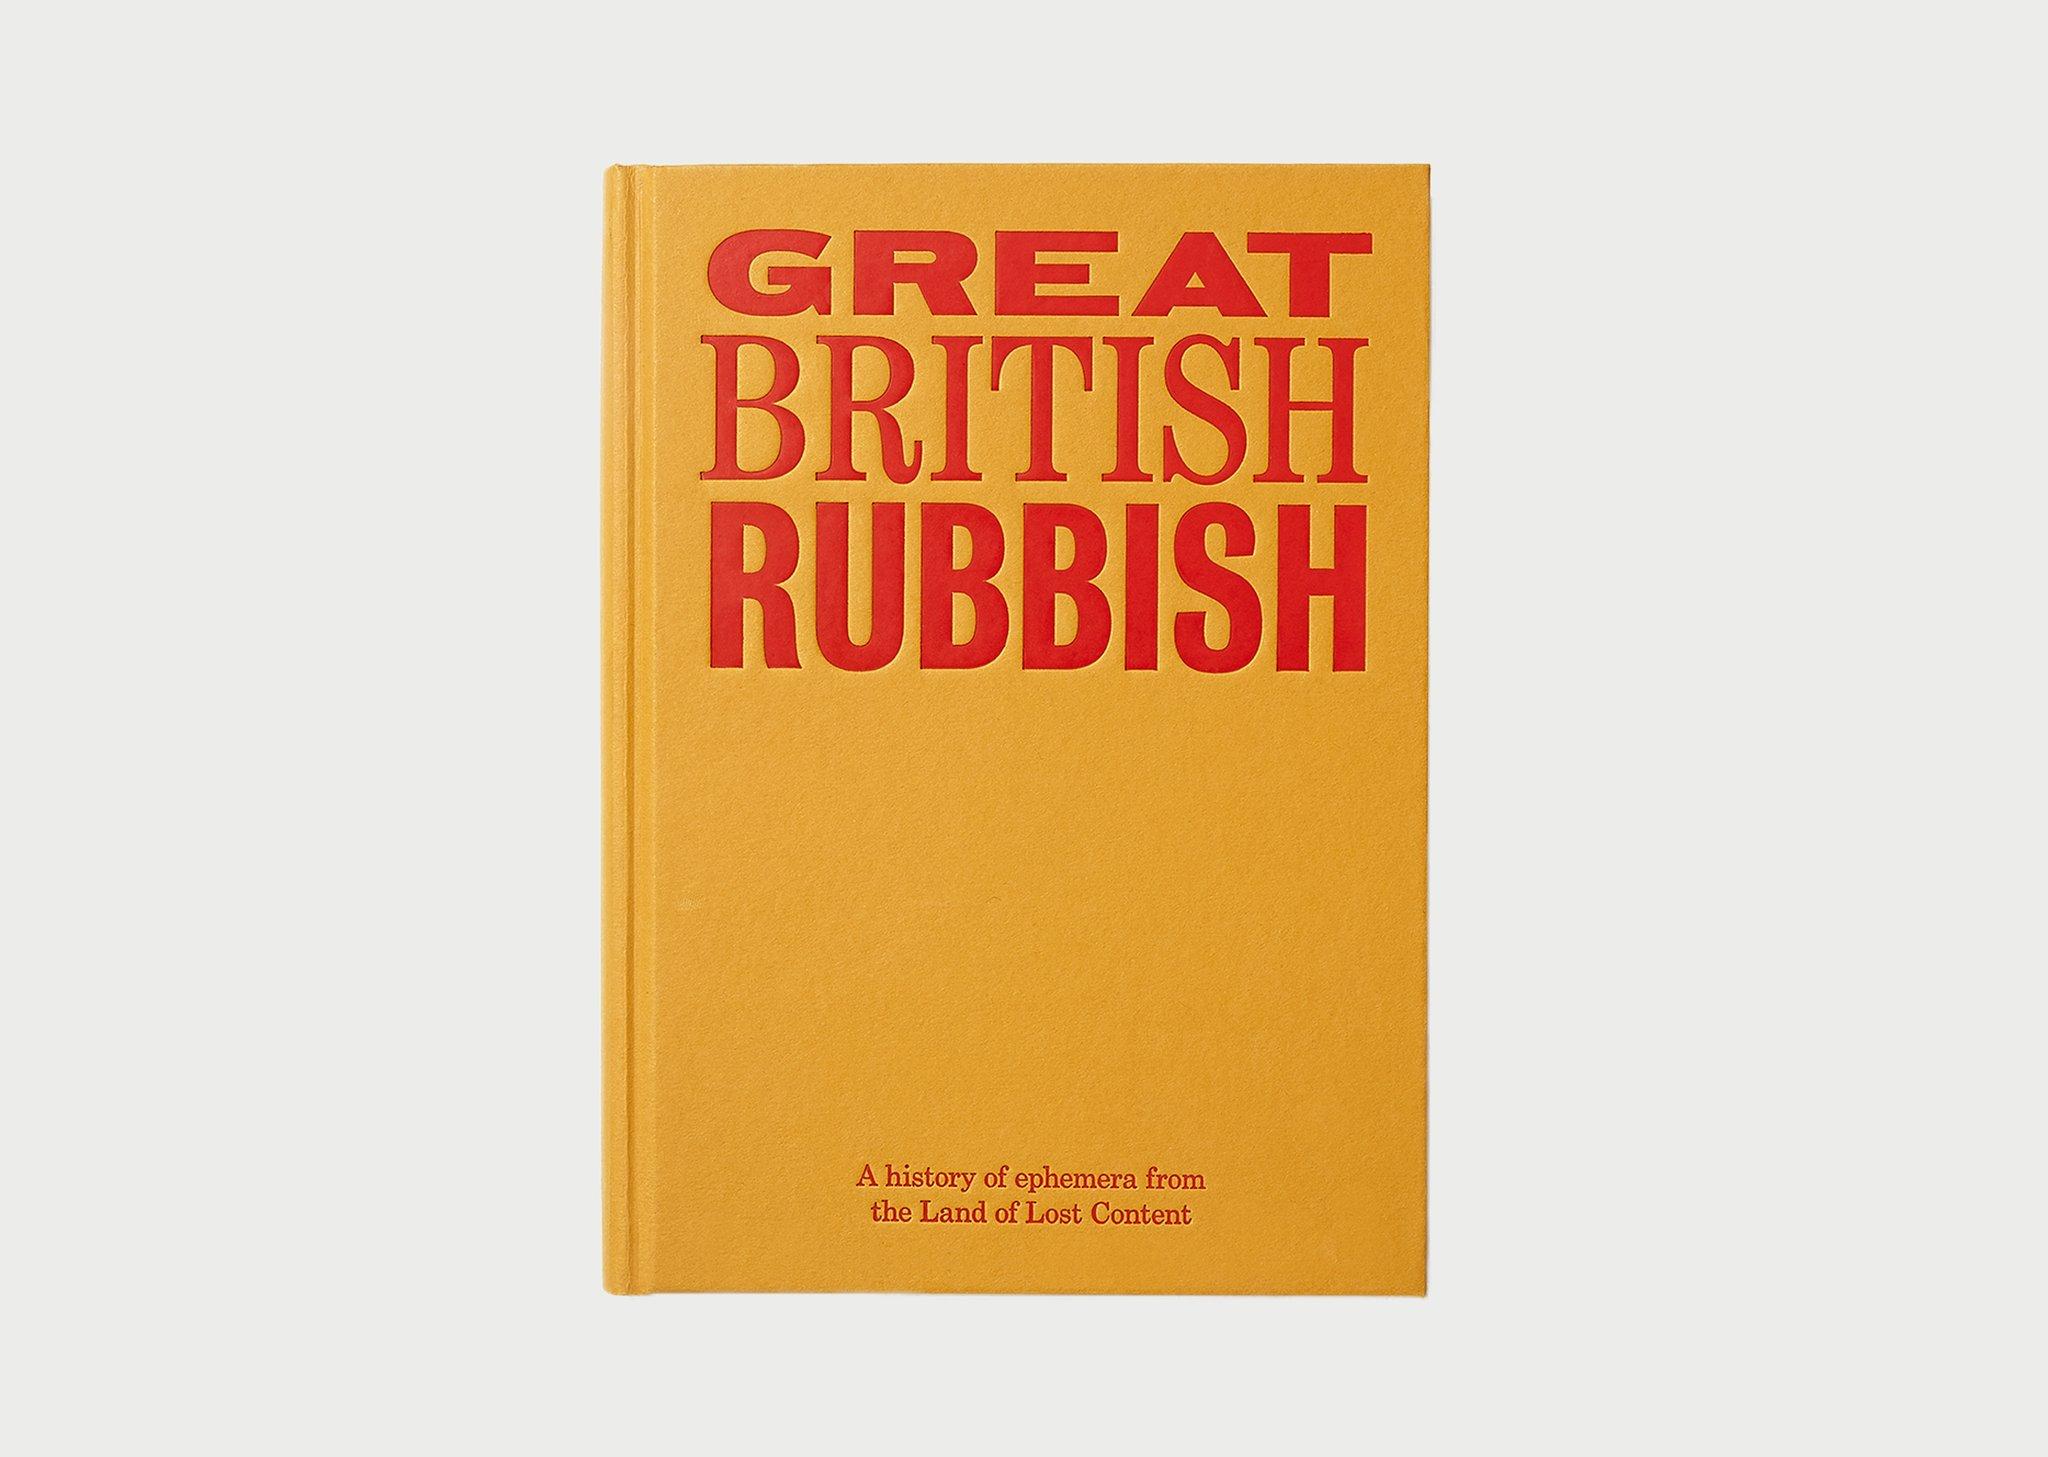 Great British Rubbish 1